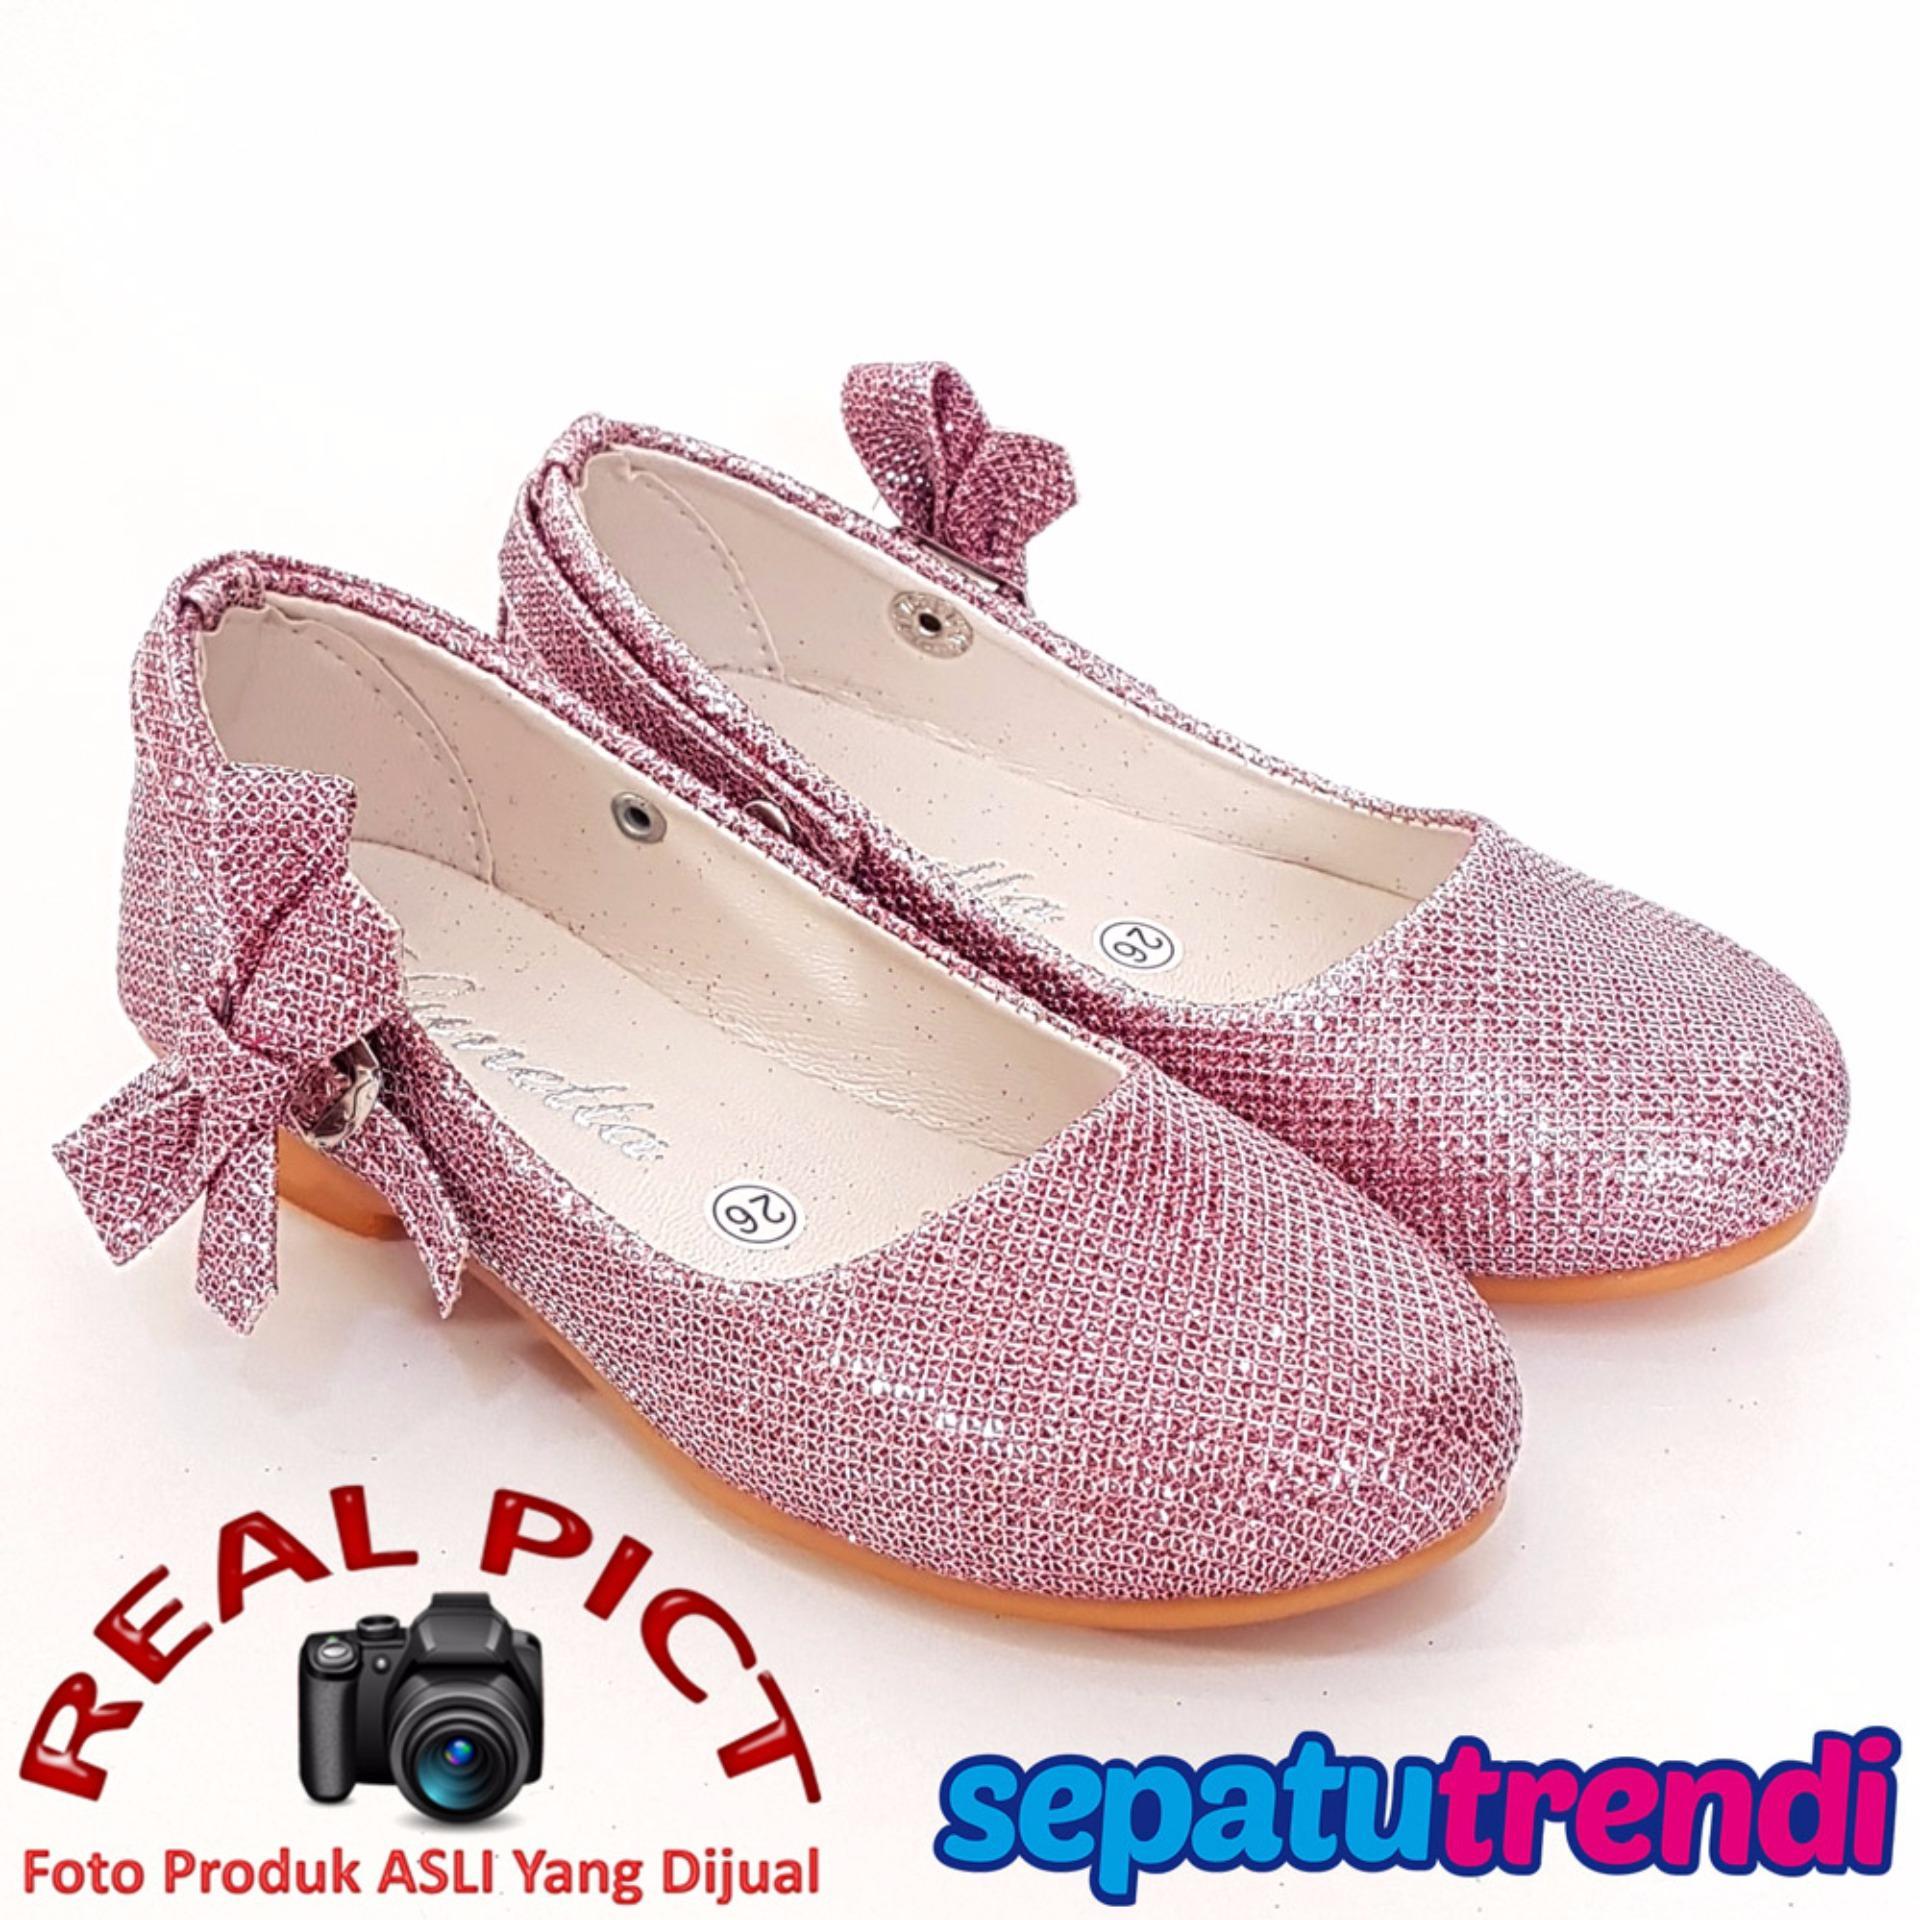 Obral Trendishoes Sepatu Anak Perempuan Glitter Pita Samping Ap013 Pink Murah